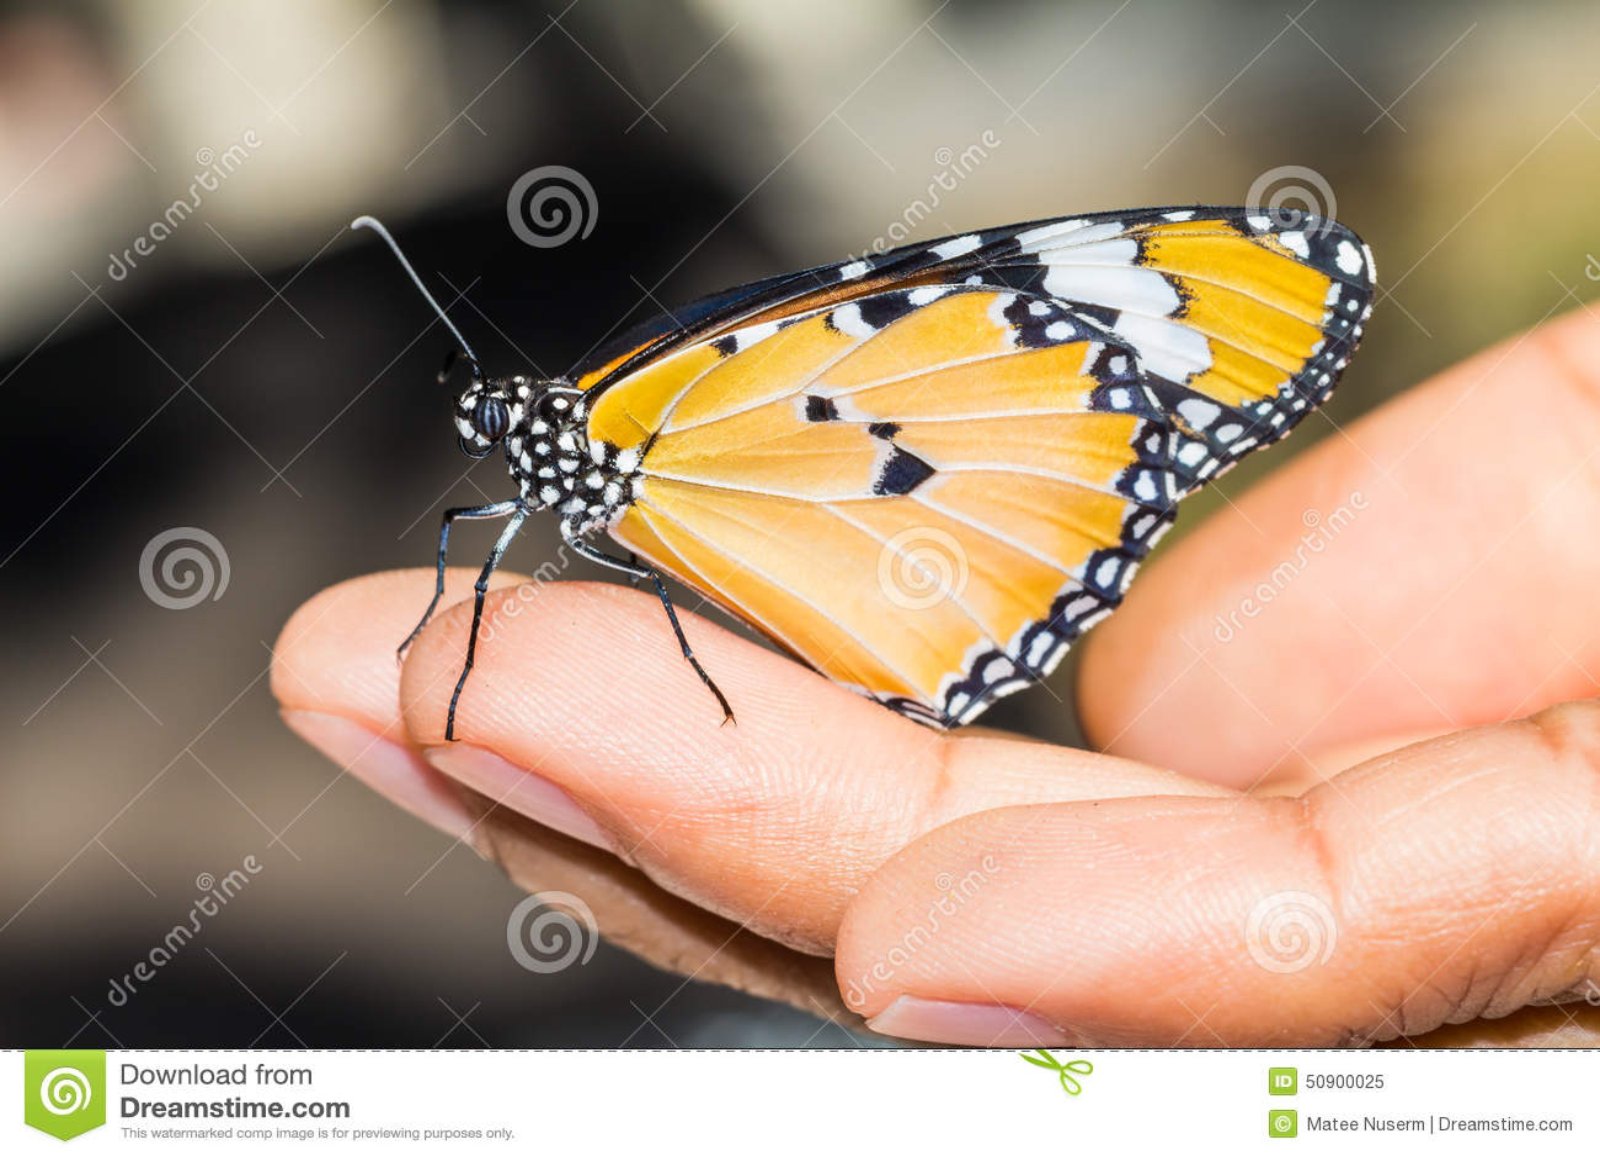 抱怨老虎蝴蝶